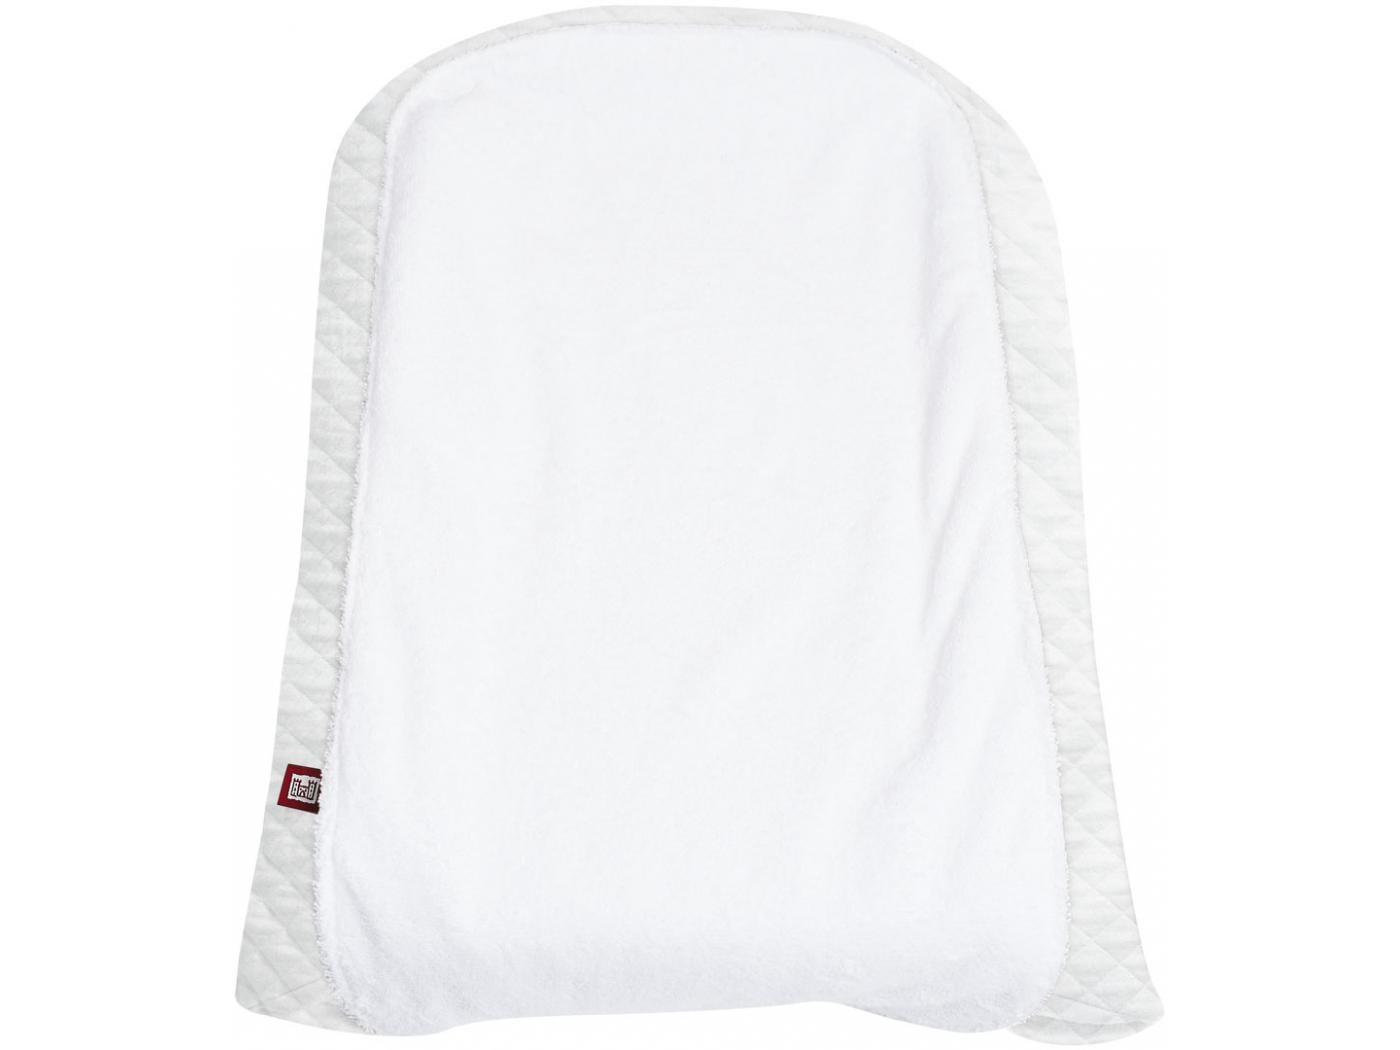 Housse matelas /à langer Blanc RED CASTLE Matelas Fleur de coton/®